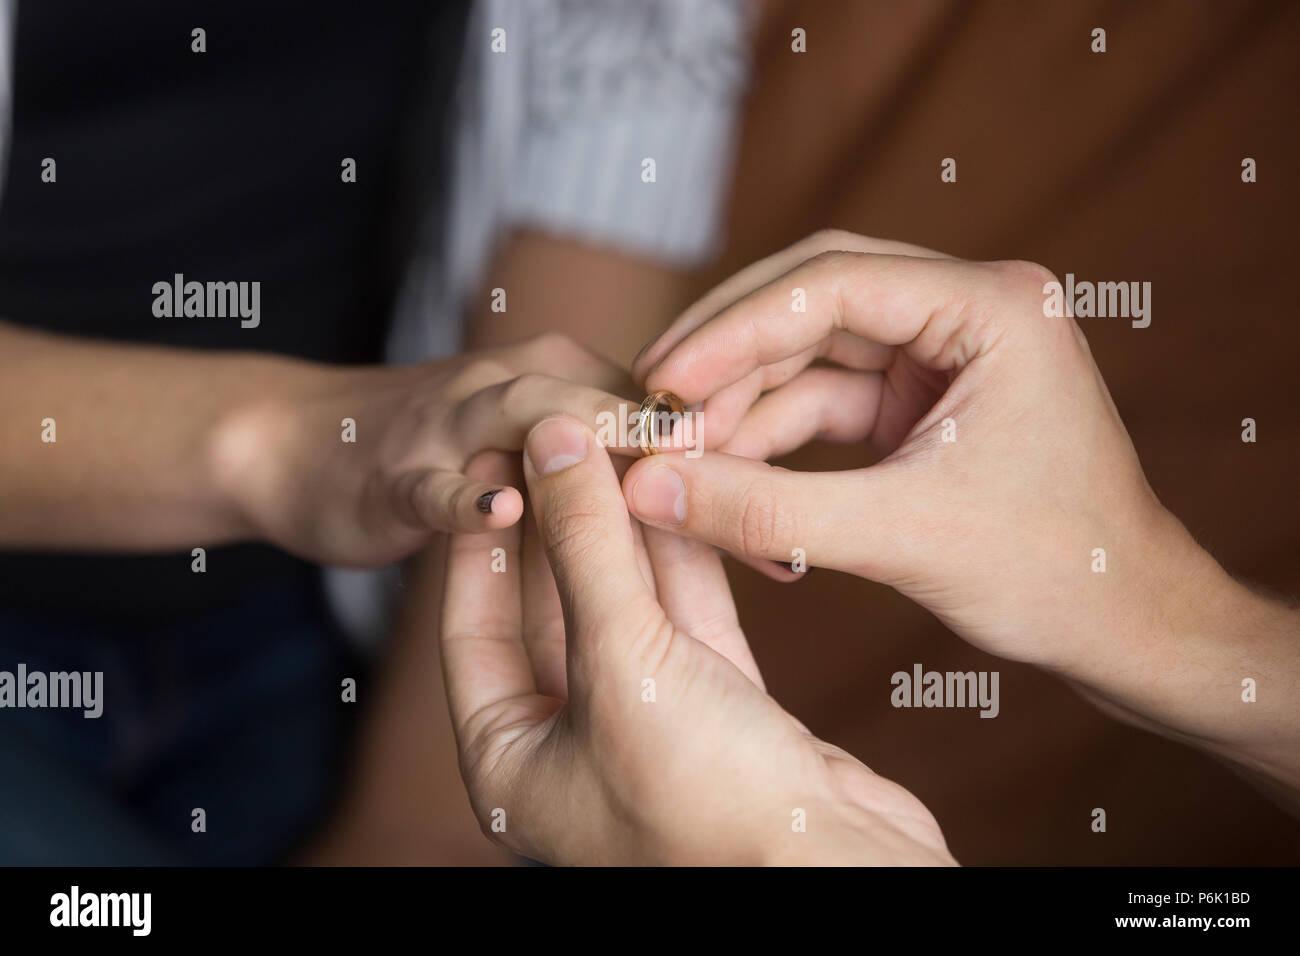 Close up uomo mettere l'anello nuziale sul dito di donna Immagini Stock